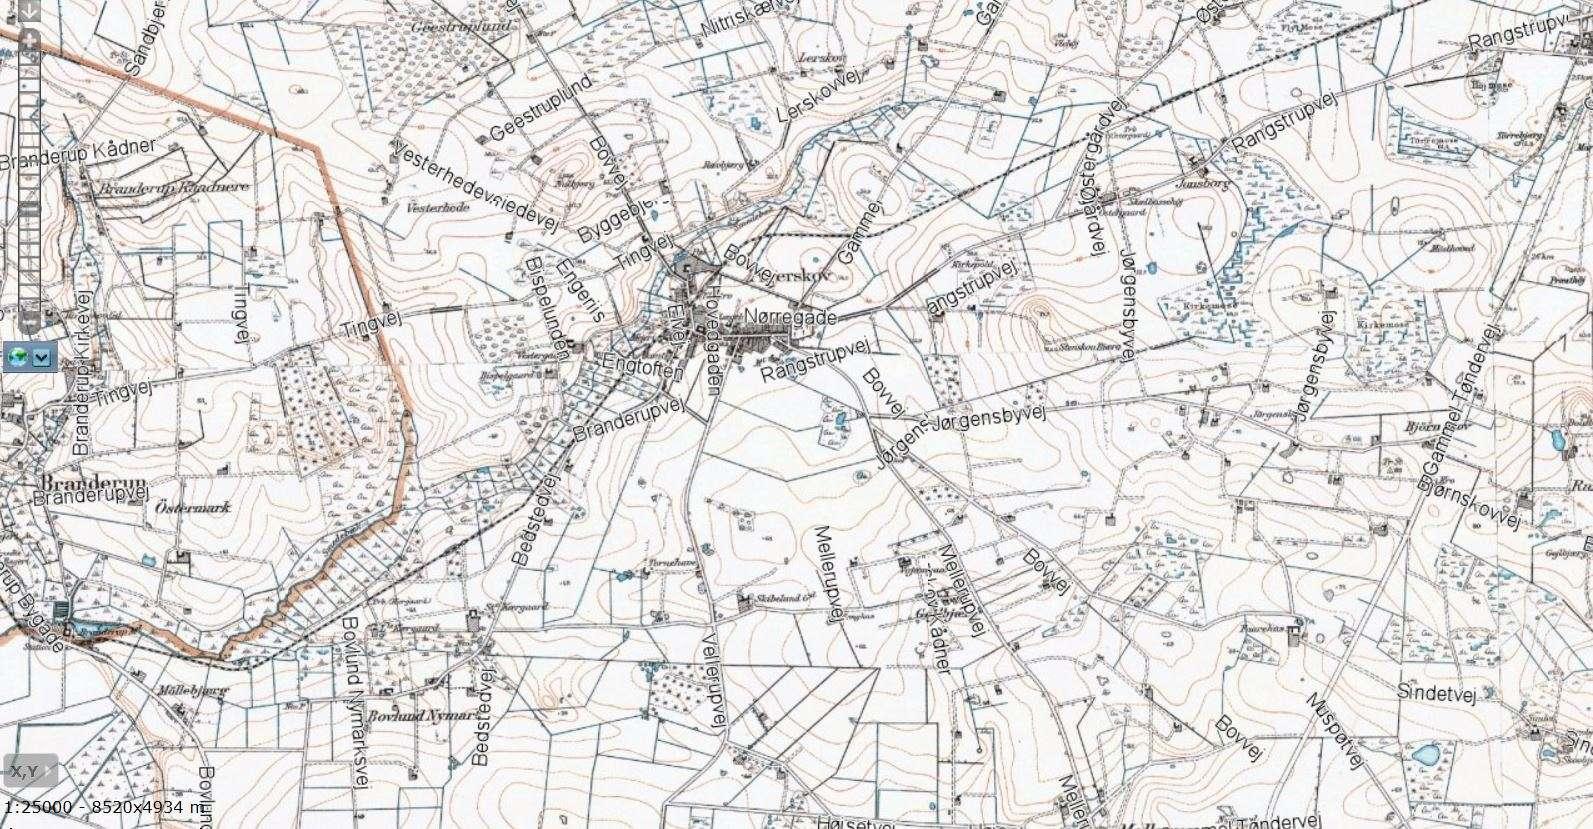 Smedebækken kort fra Lifa's 2